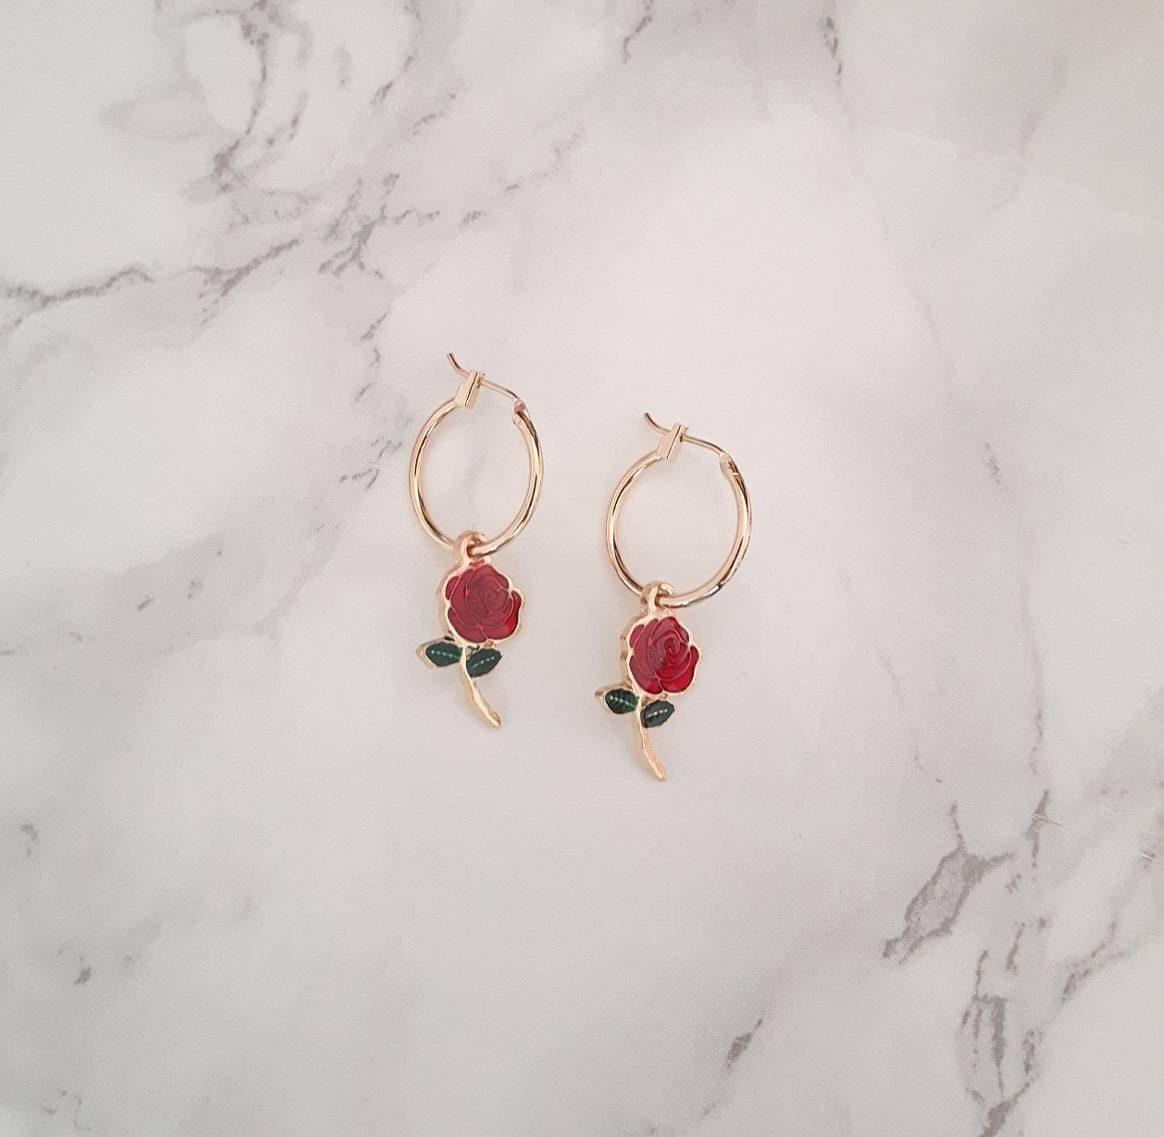 Gold Charm Hoops, Gold Hoop Earrings, Rose Hoop Earrings, Rose Enamel Hoops, Dainty Gold Hoops, Dainty Gold Earrings, Gold Charm Earrings